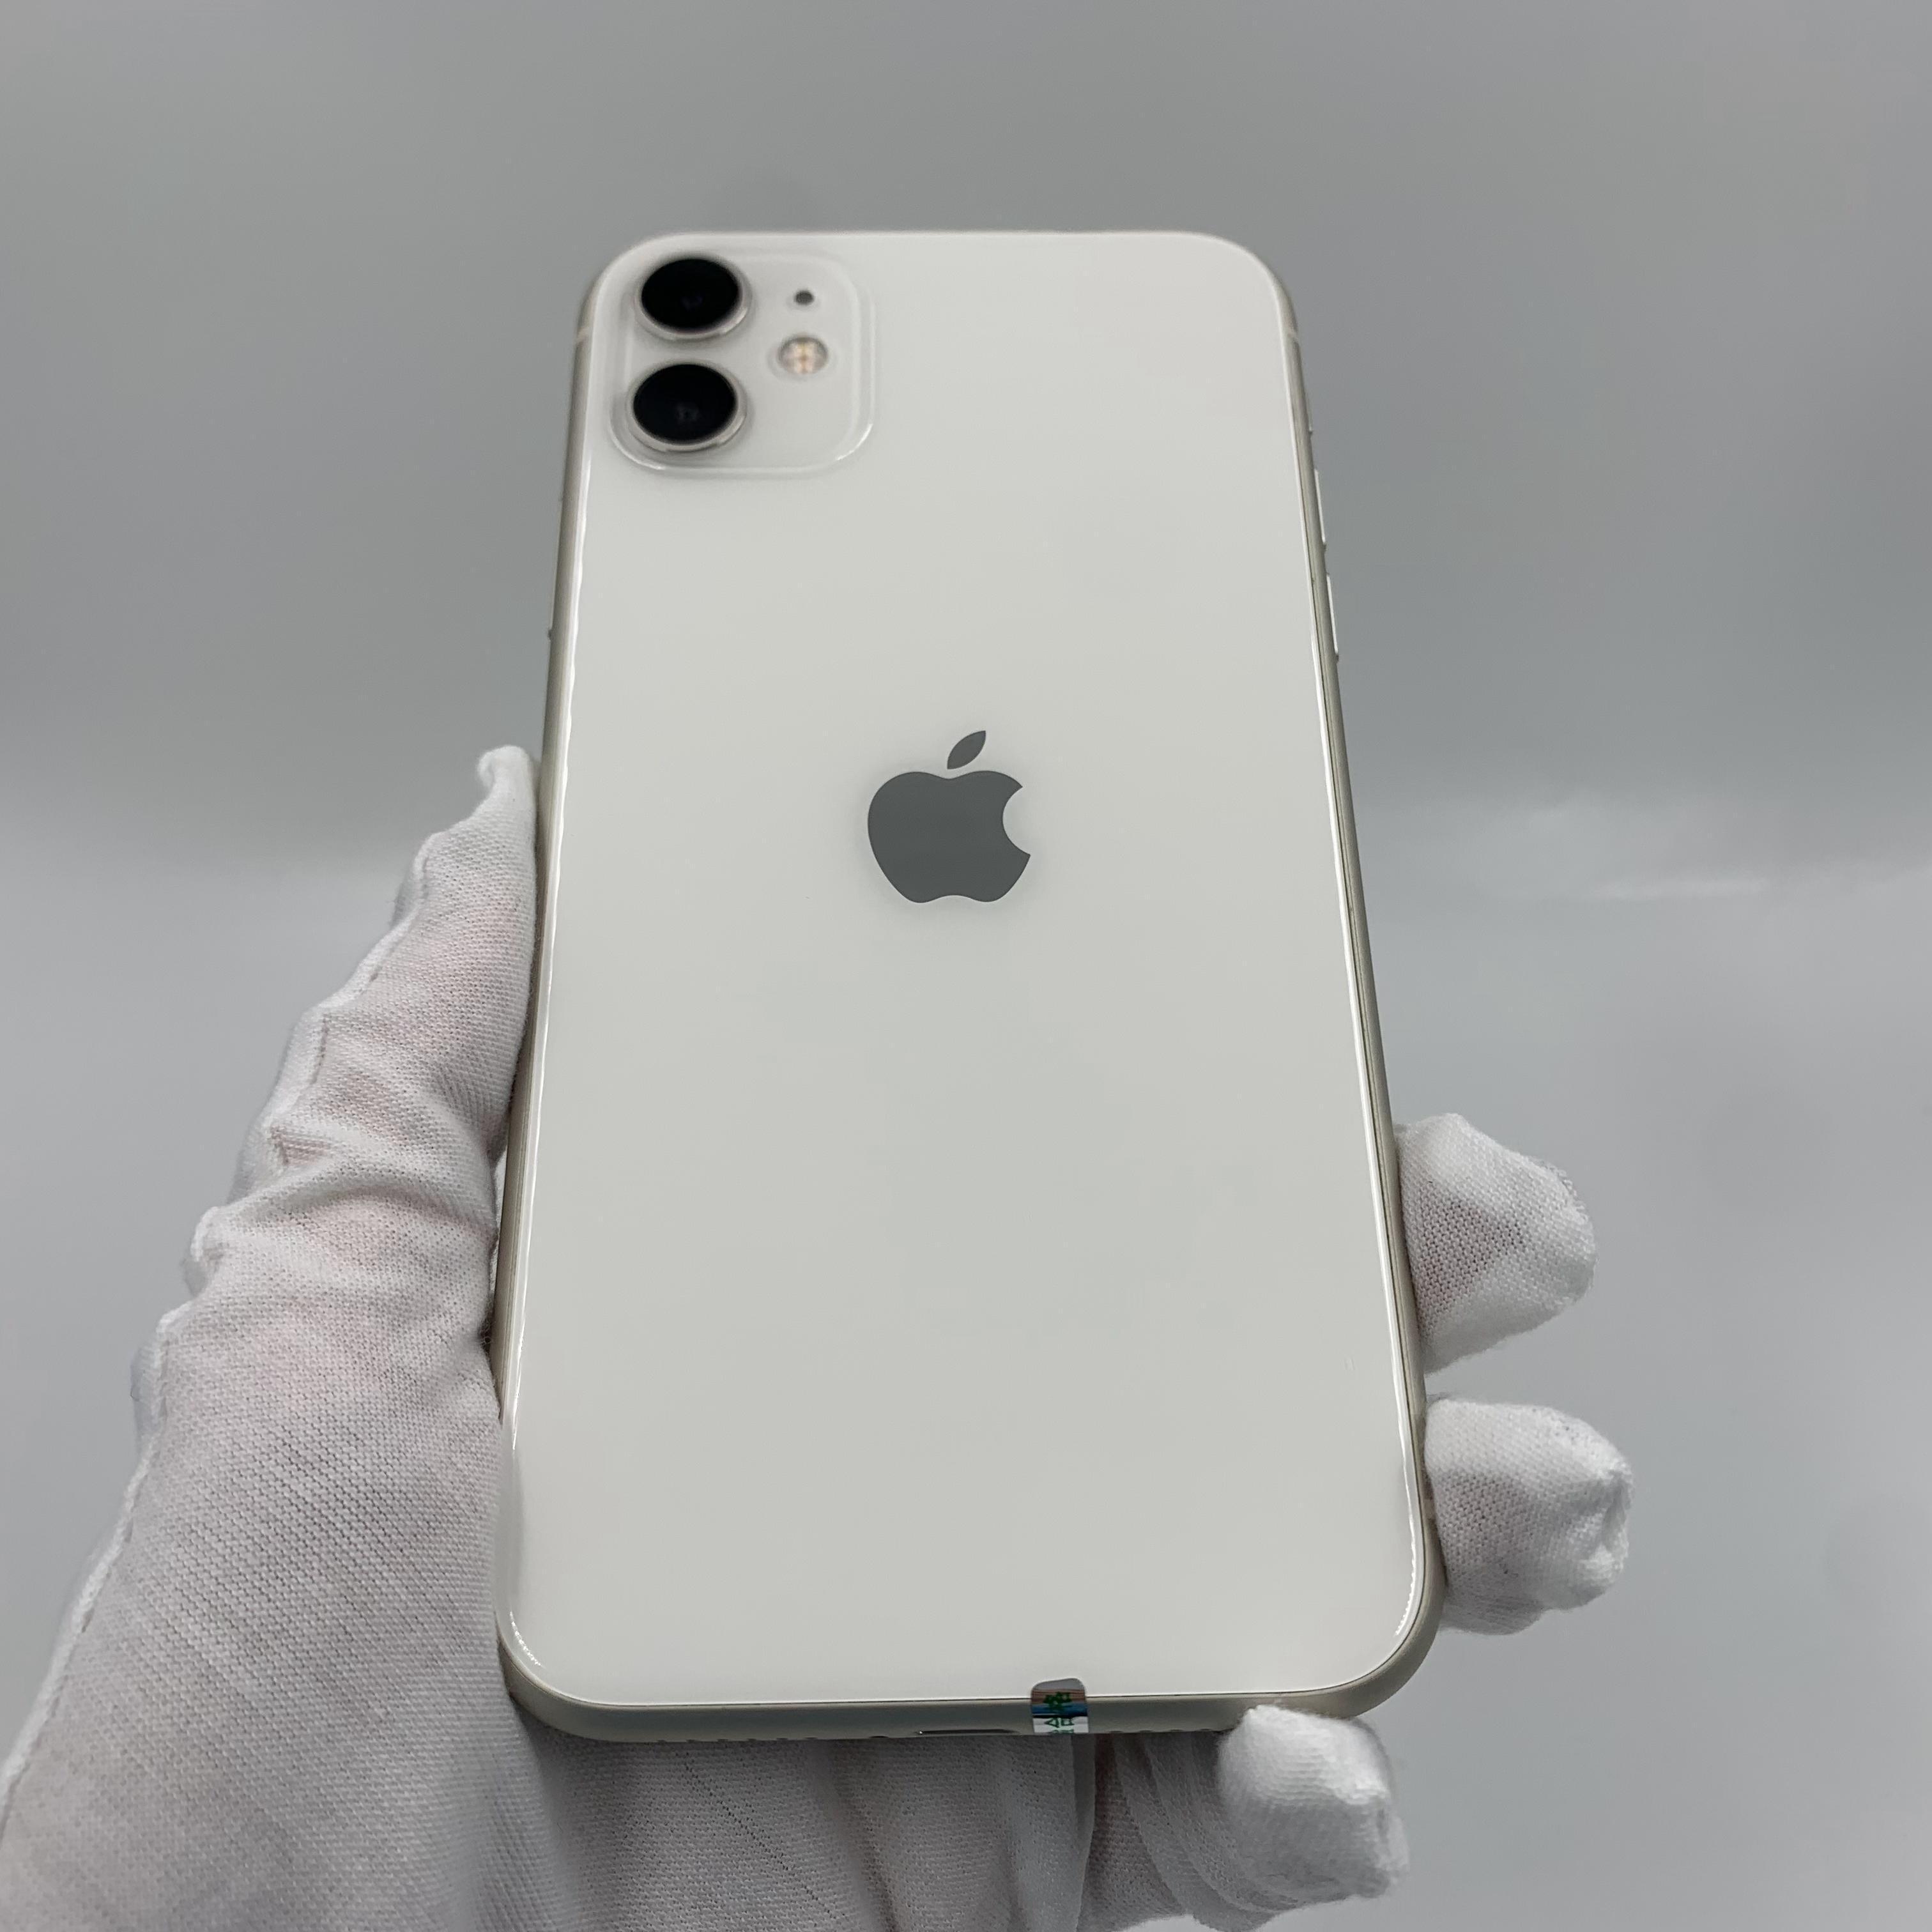 苹果【iPhone 11】4G全网通 白色 256G 国行 9成新 真机实拍官保2022-06-12